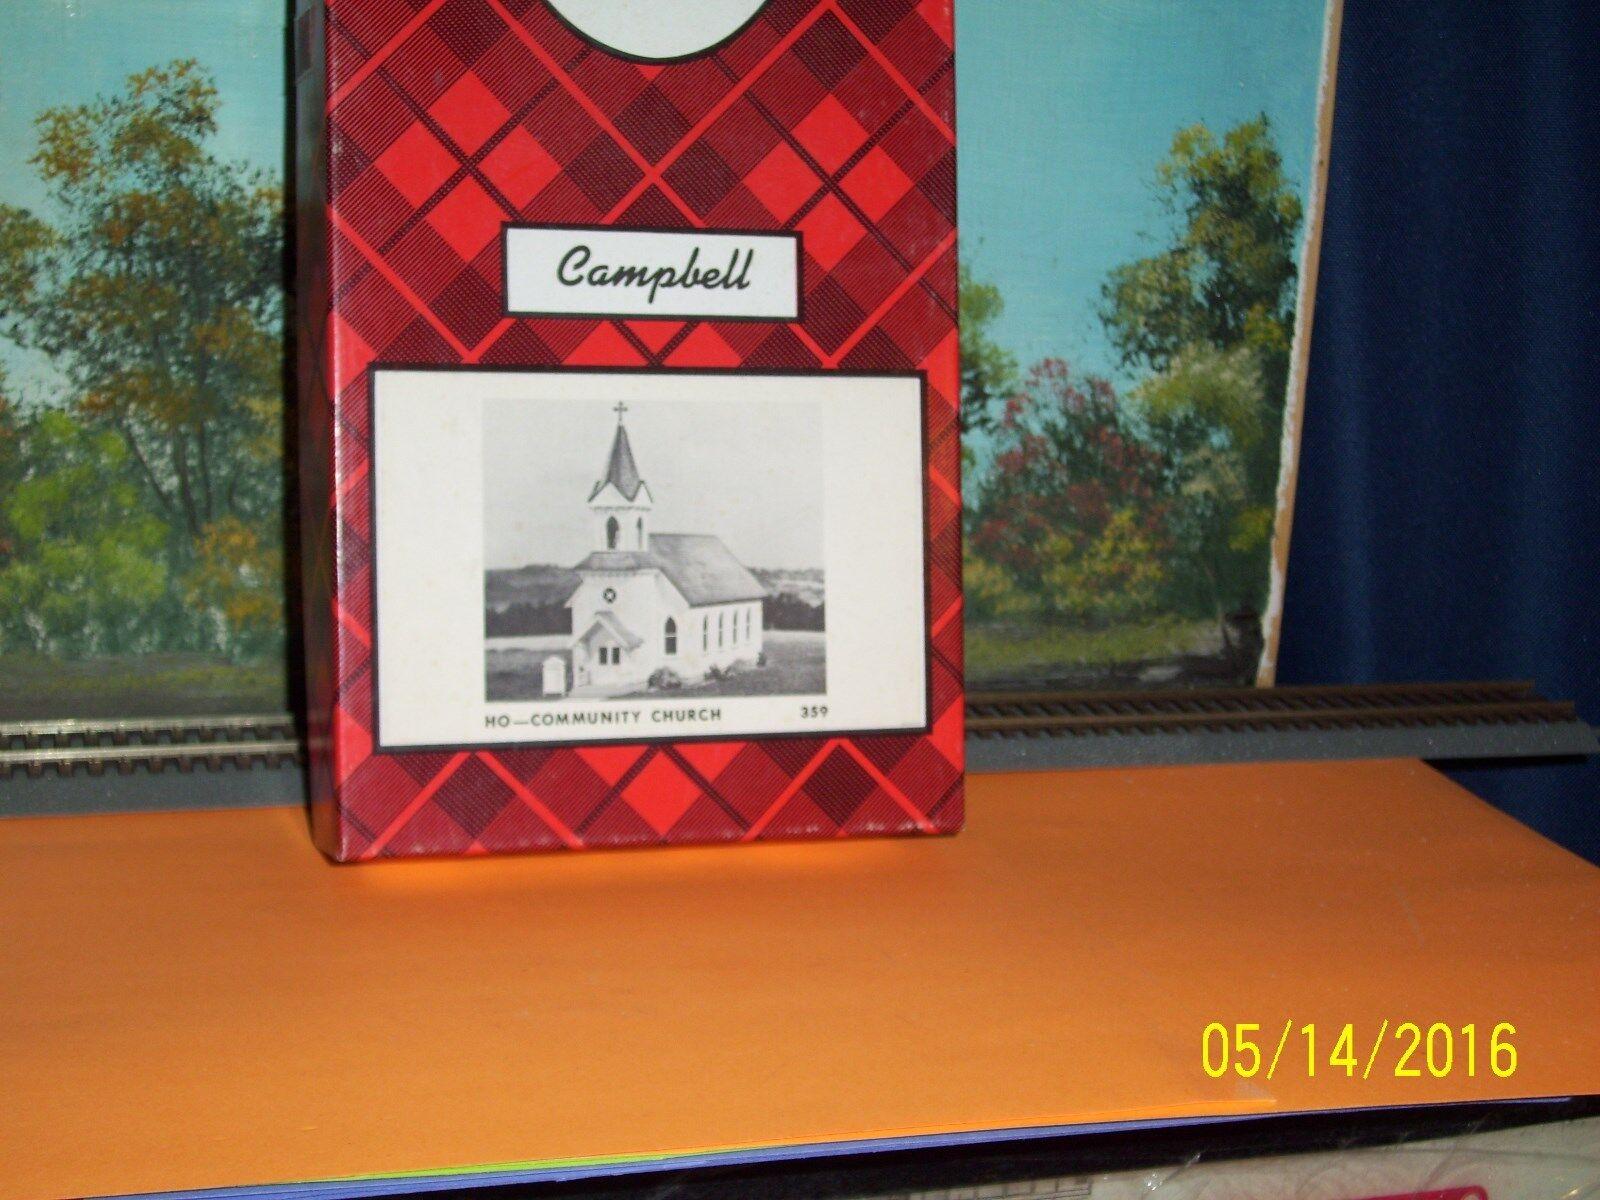 Campbell Scale Models Ho Iglesia de la comunidad.